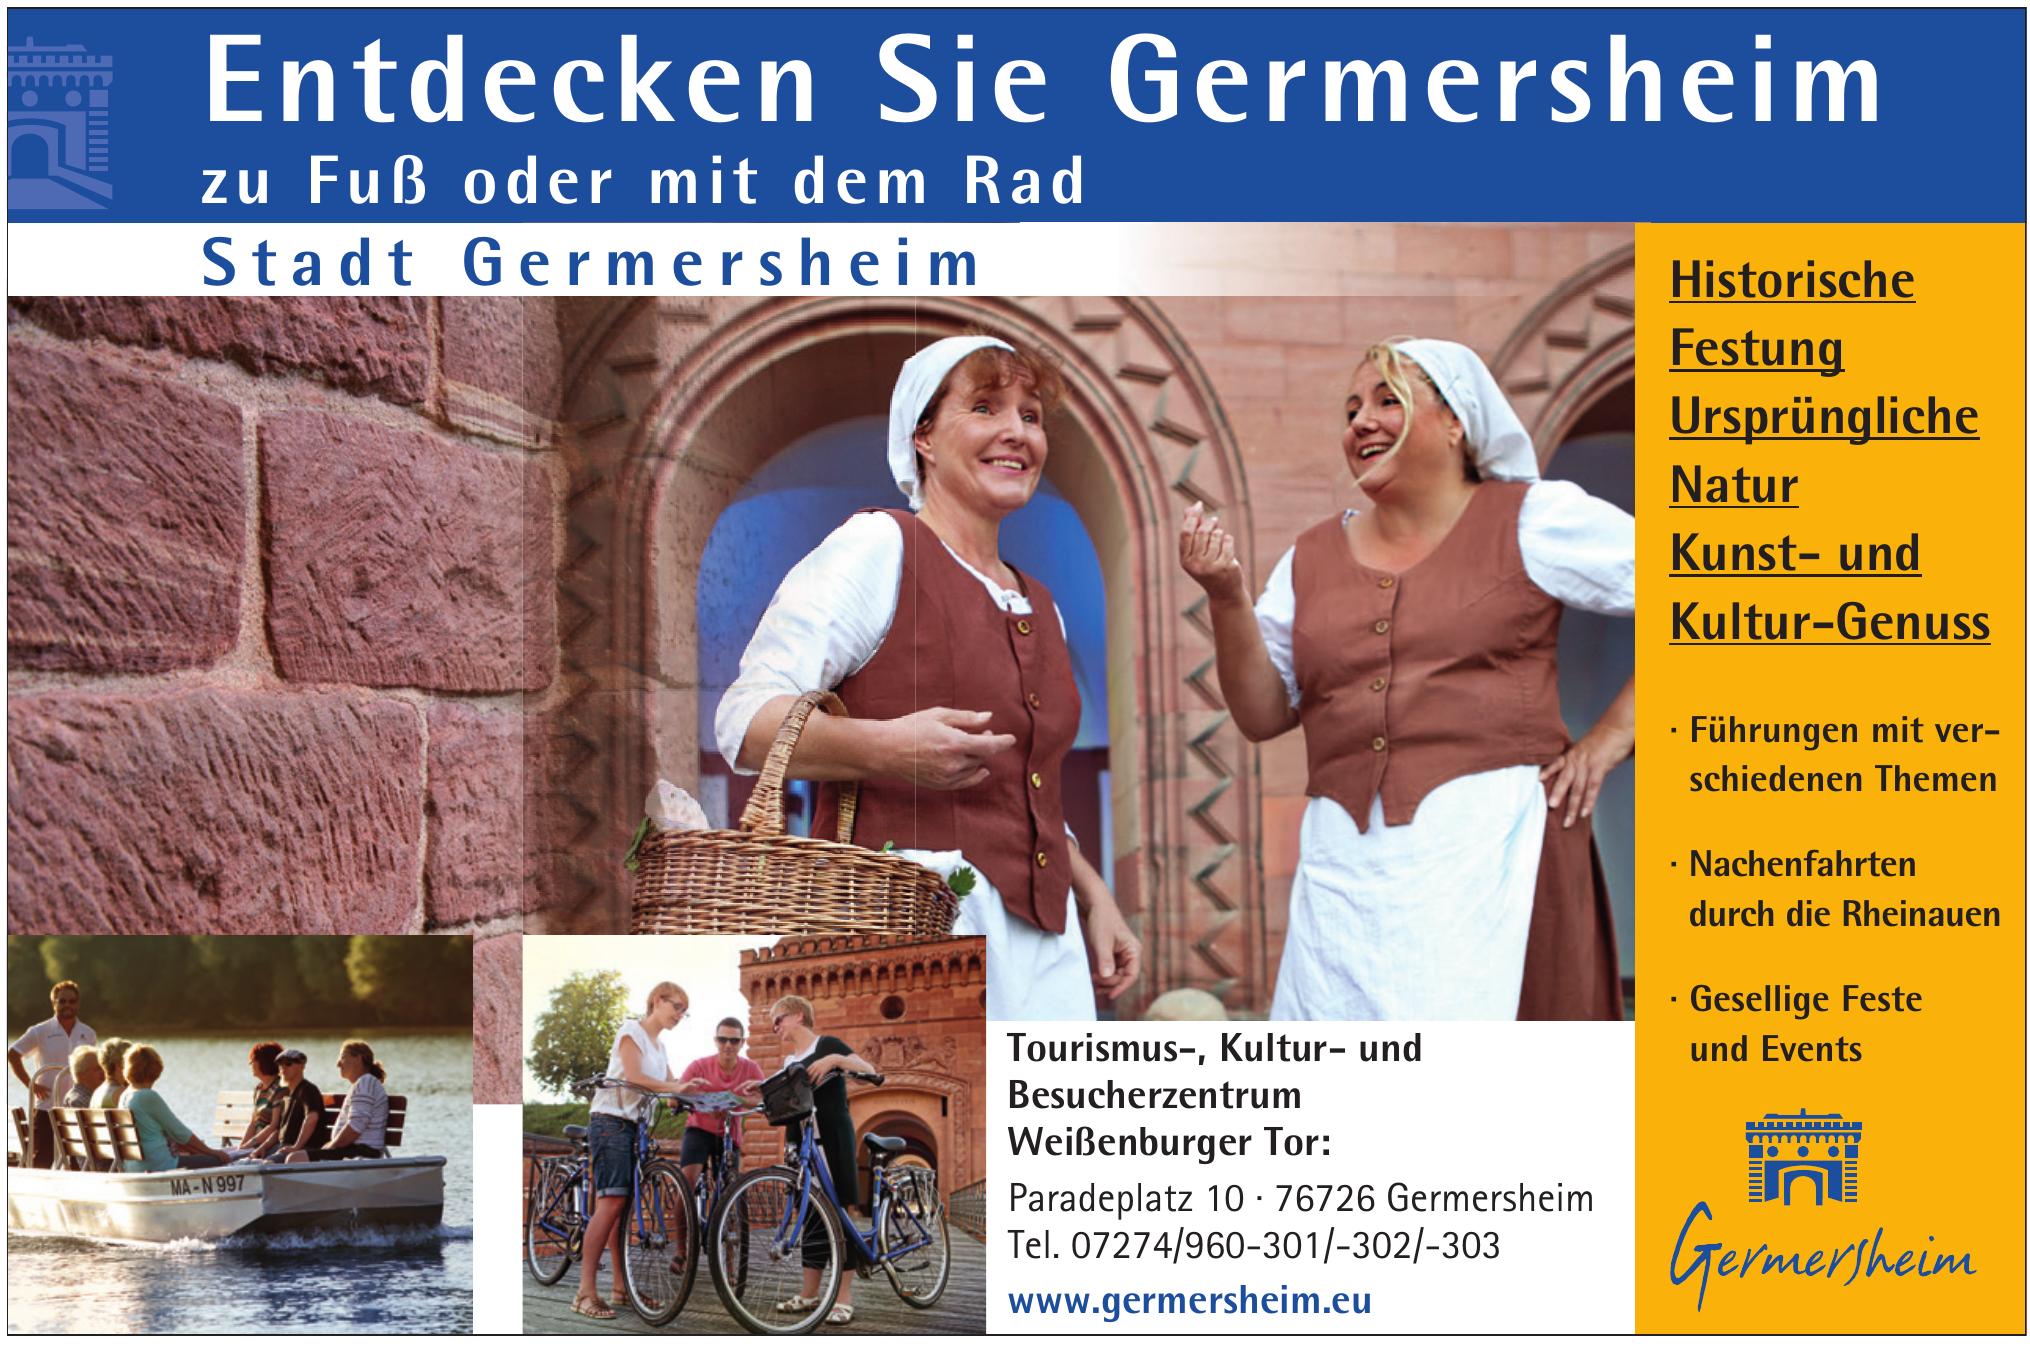 Germersheim - Tourismus-, Kultur- und Besucherzentrum Weißenburger Tor